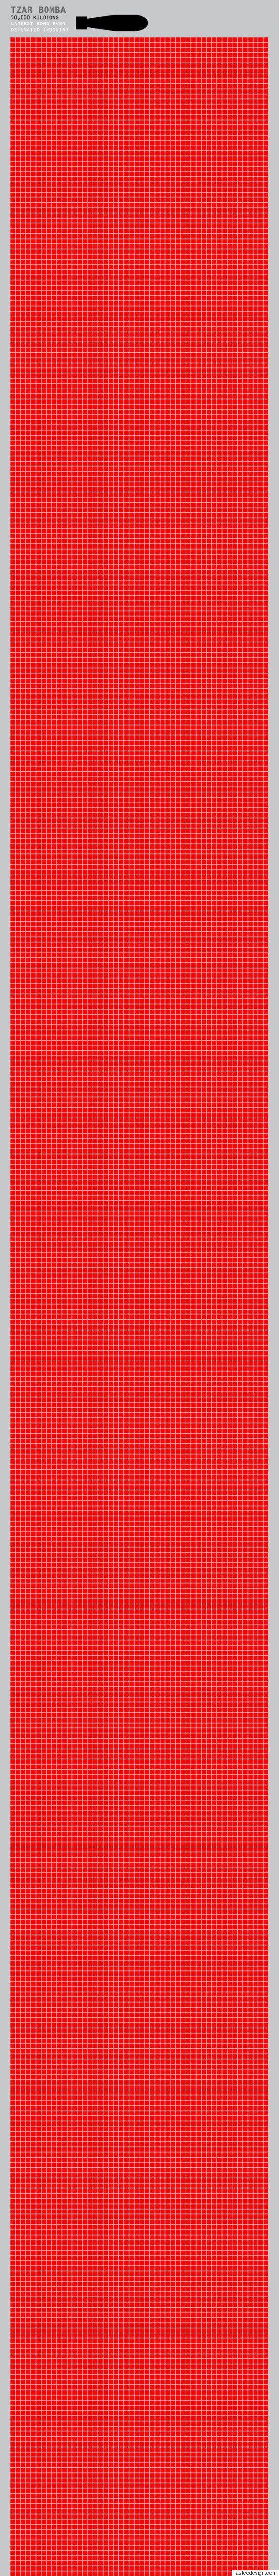 戦後70年で核兵器はここまで威力を増している(インフォグラフィック)